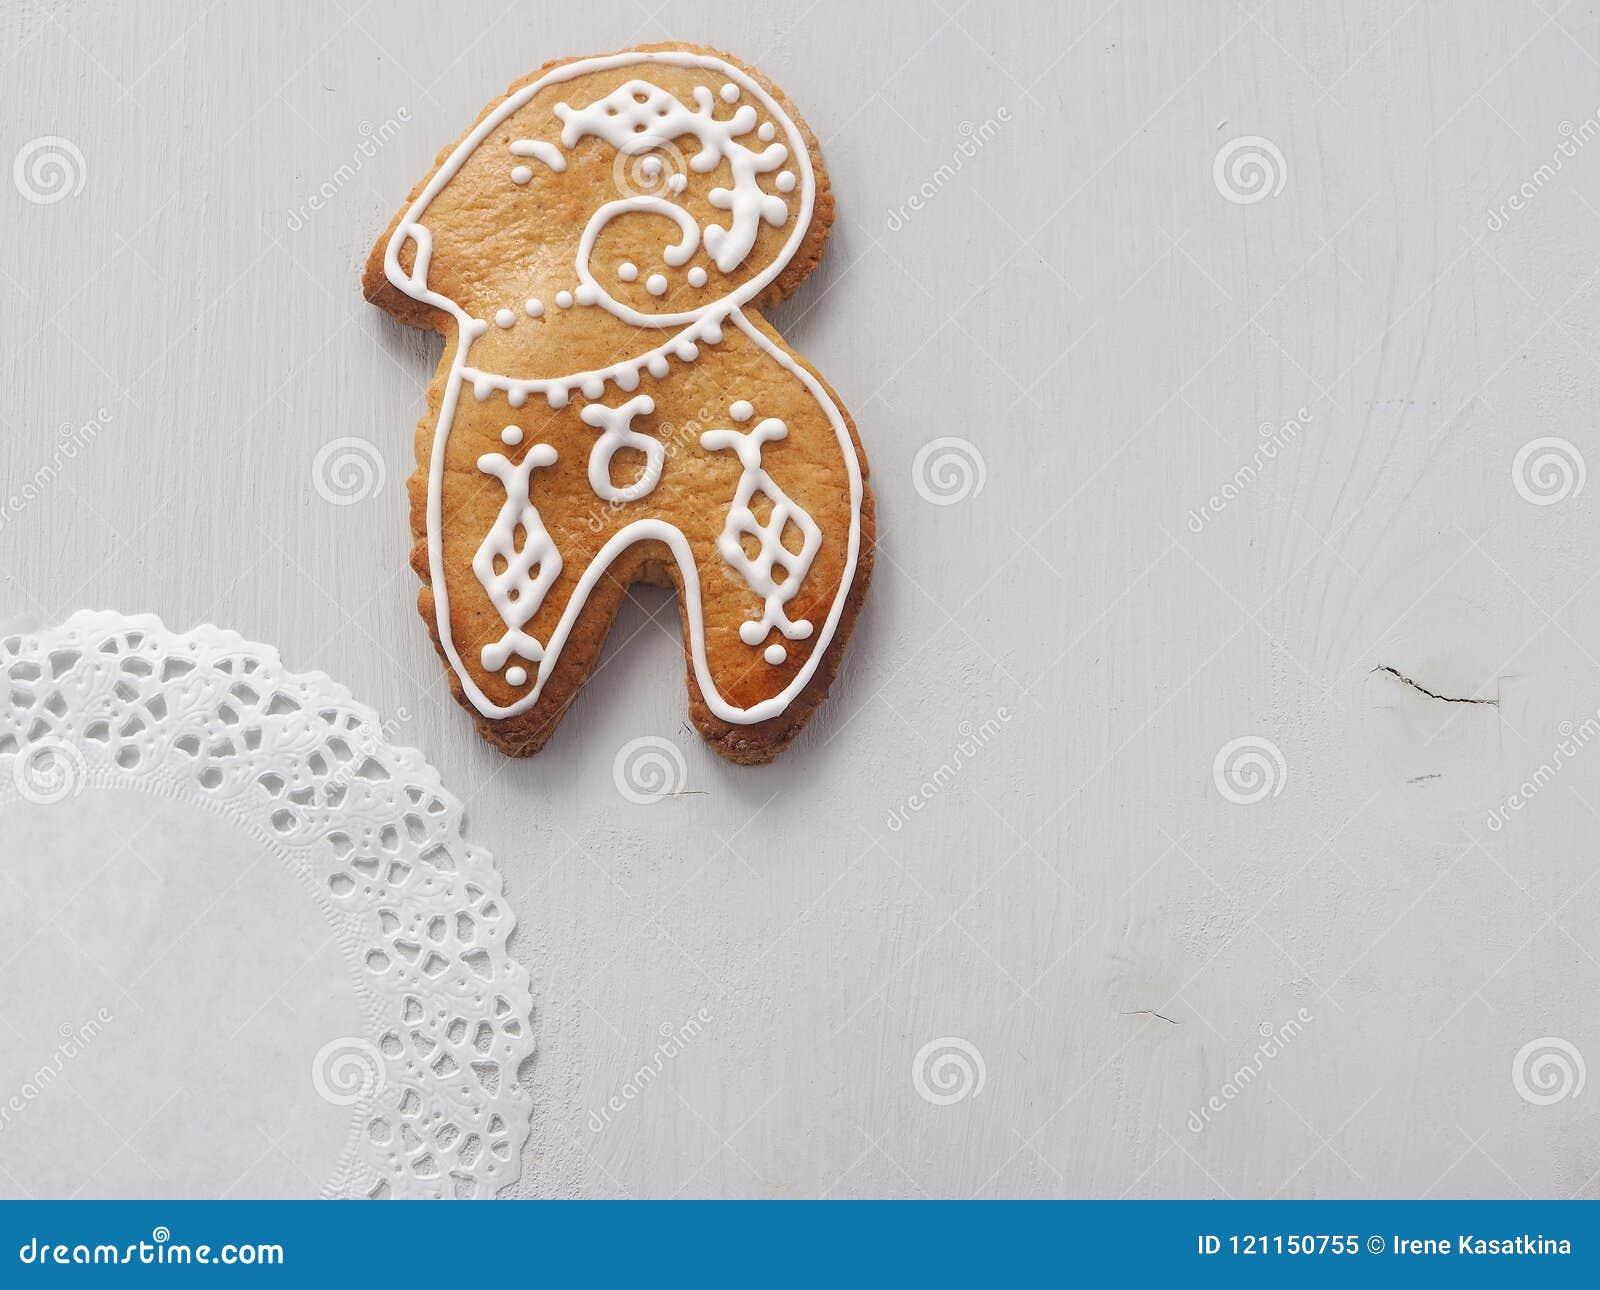 Homemade Christmas Sugar Cookies Glazed With Royal Icing. Christmas ...